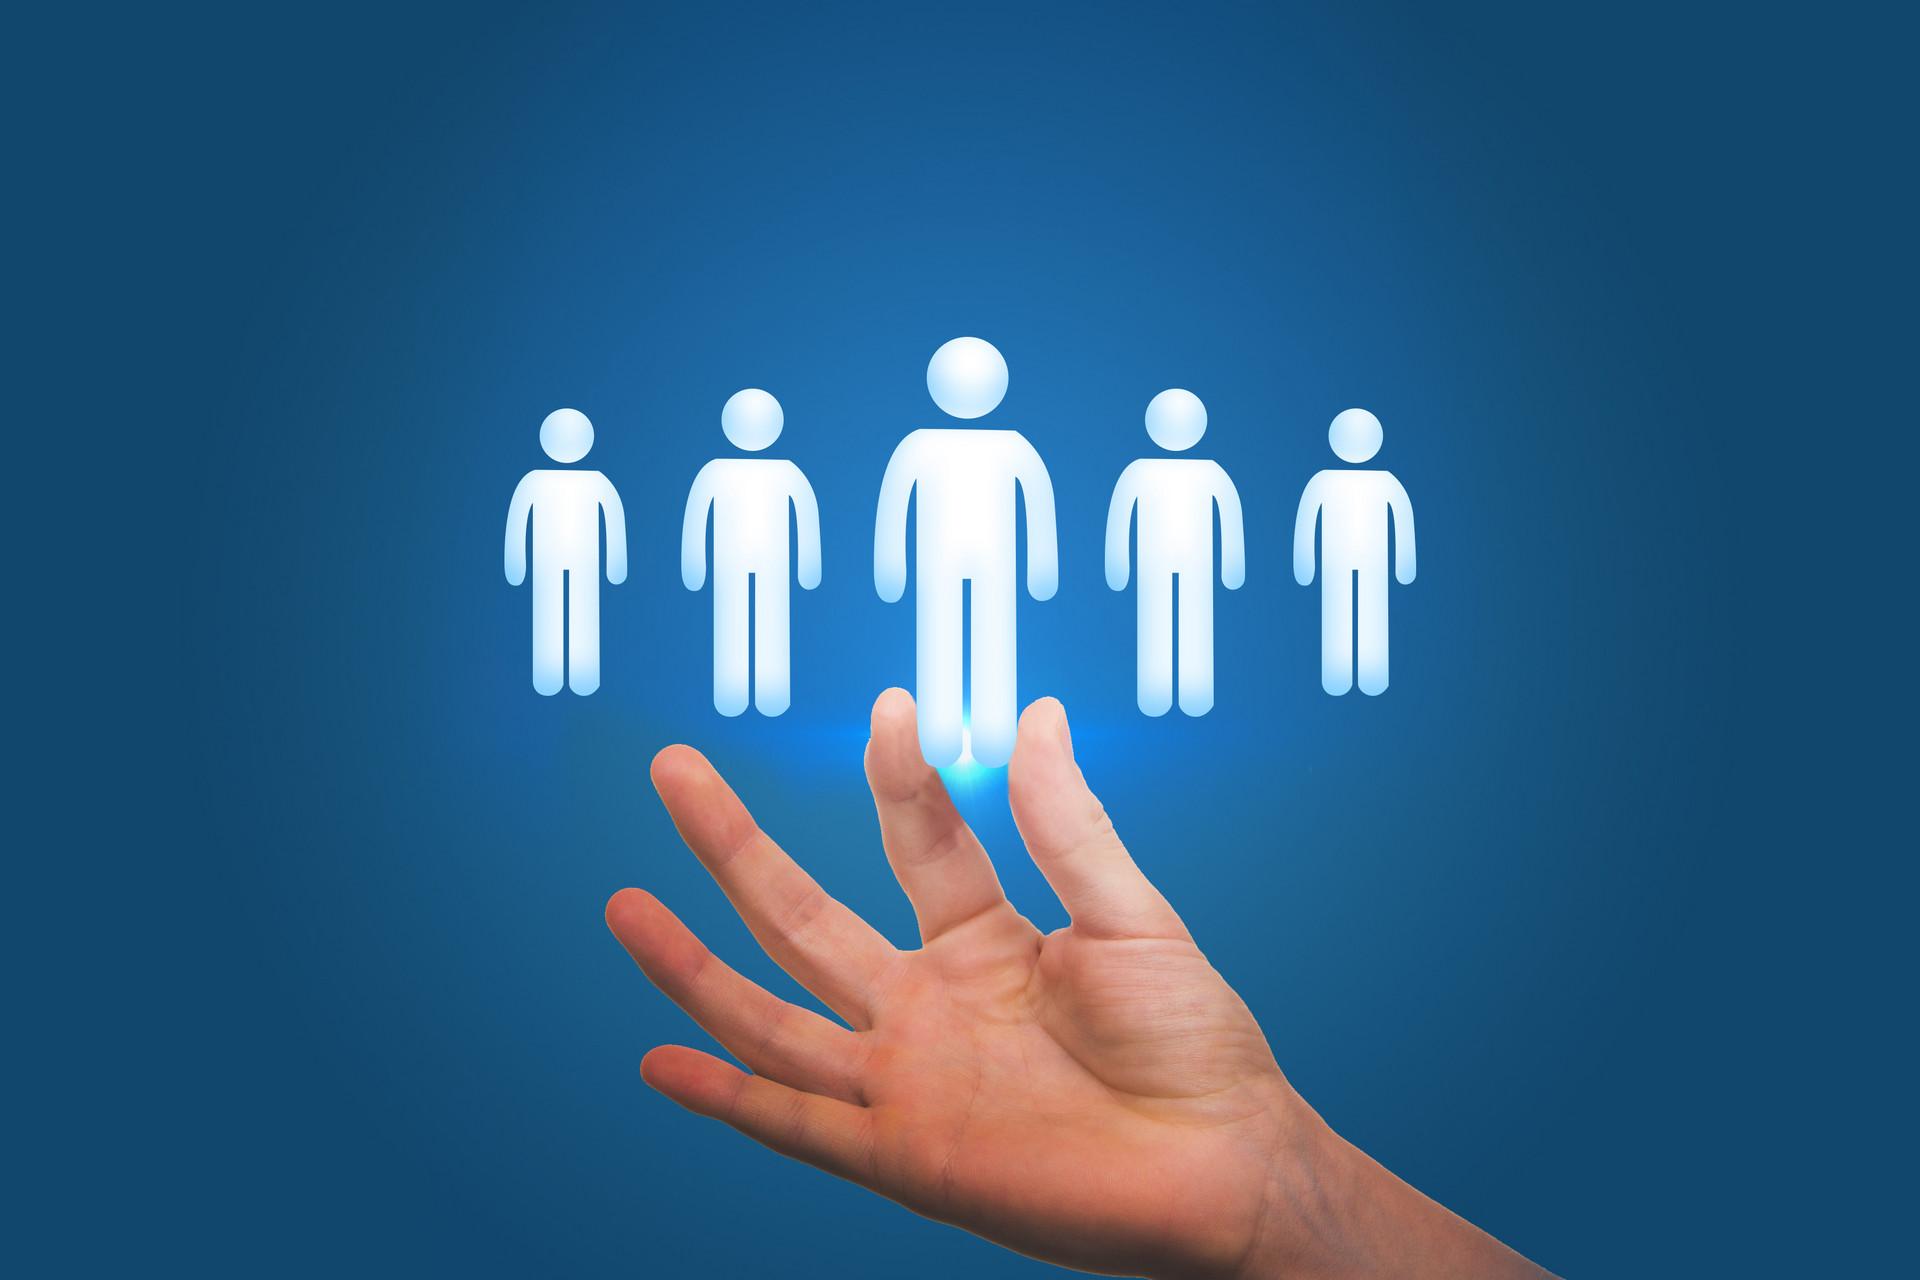 员工工龄可相同计算吗?长沙社保代理公司帮你回答!